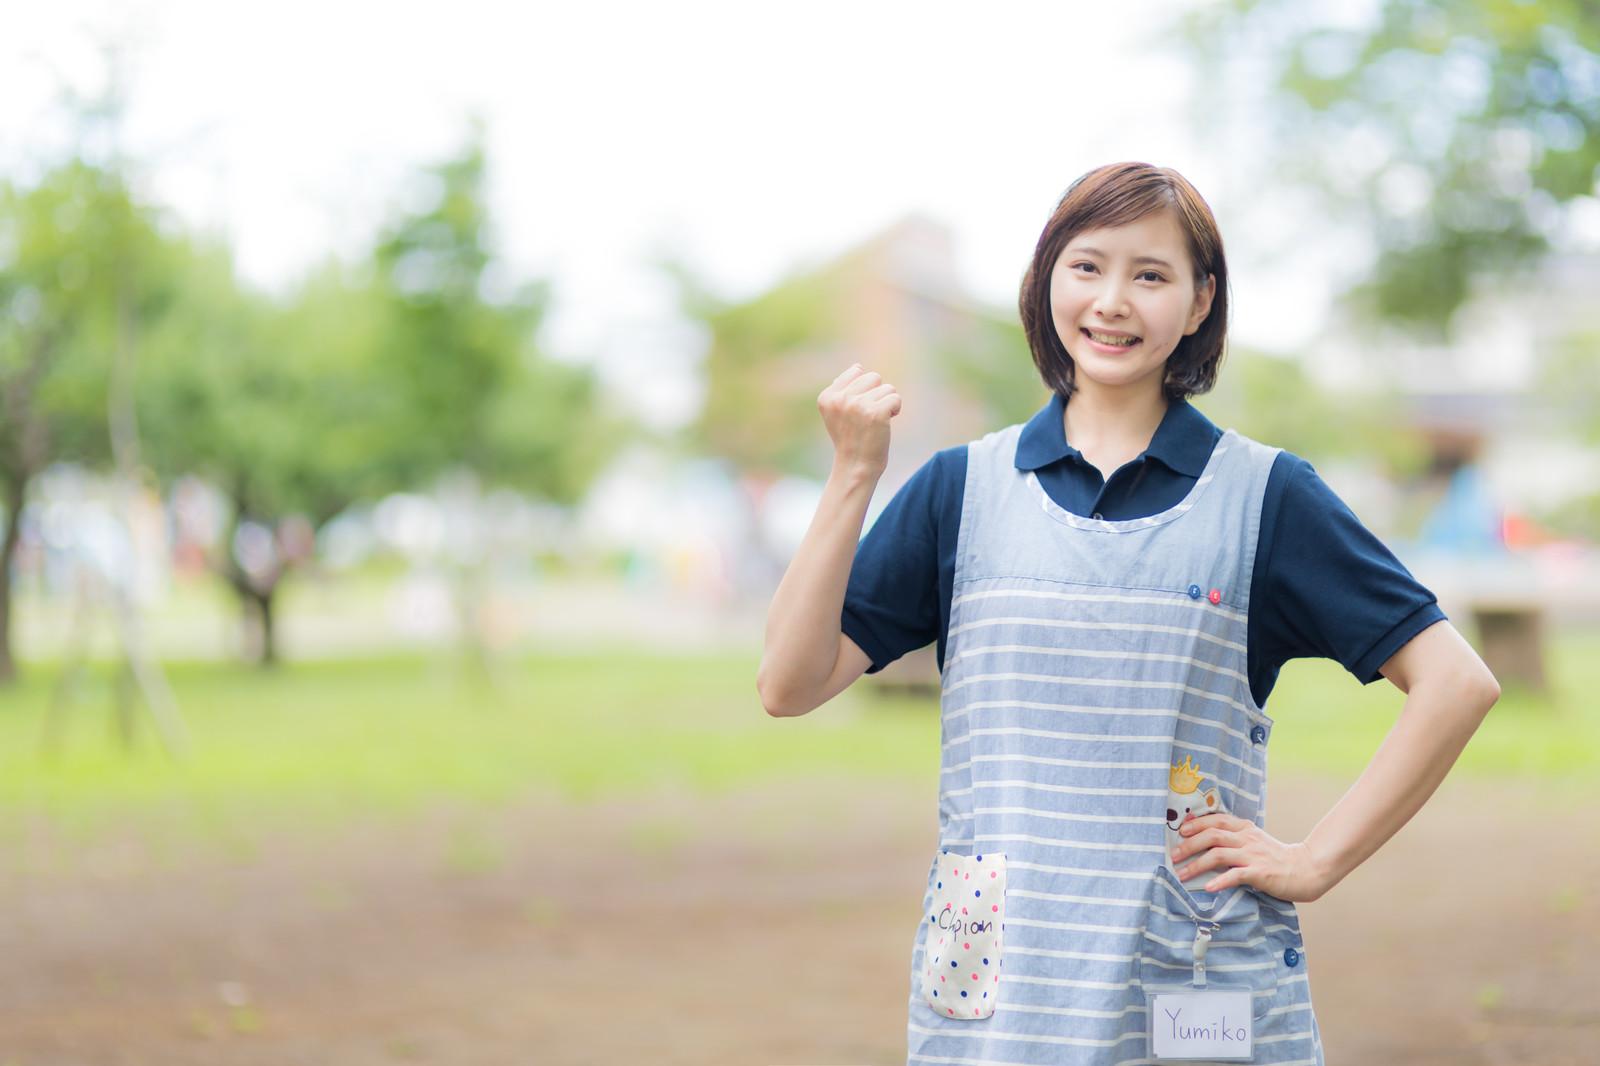 専業主婦からパート主婦に!不安なく始められる仕事探しの4つのポイント